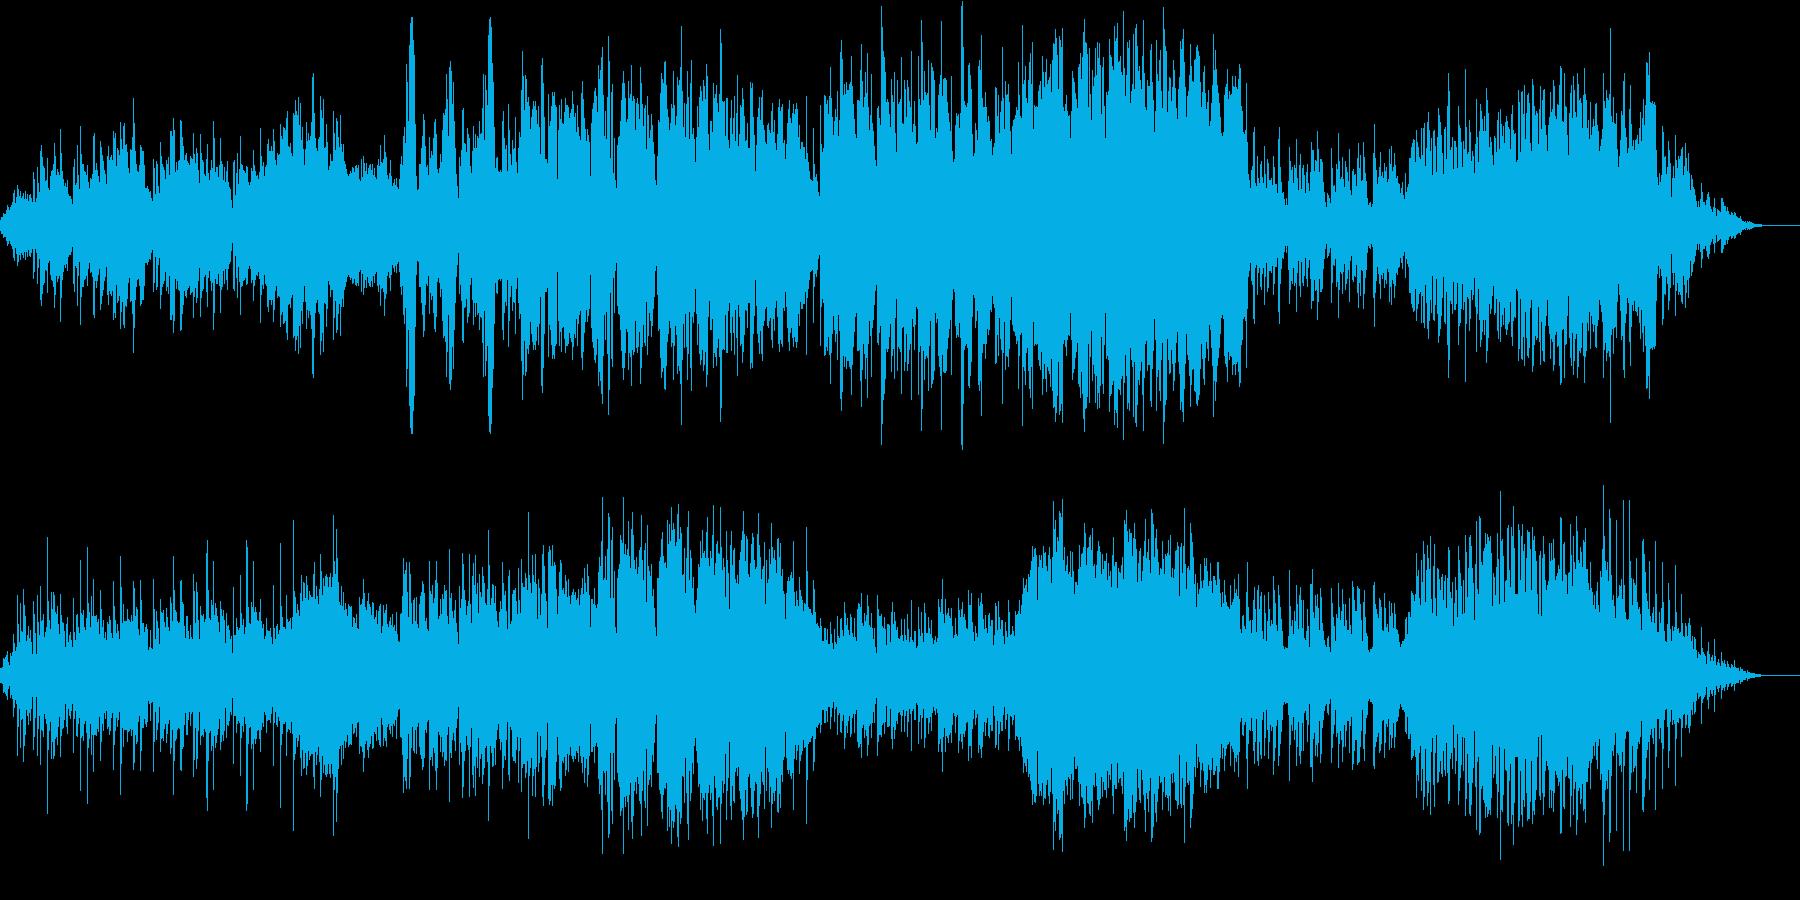 ファンタジー映画のオープニングをイメー…の再生済みの波形